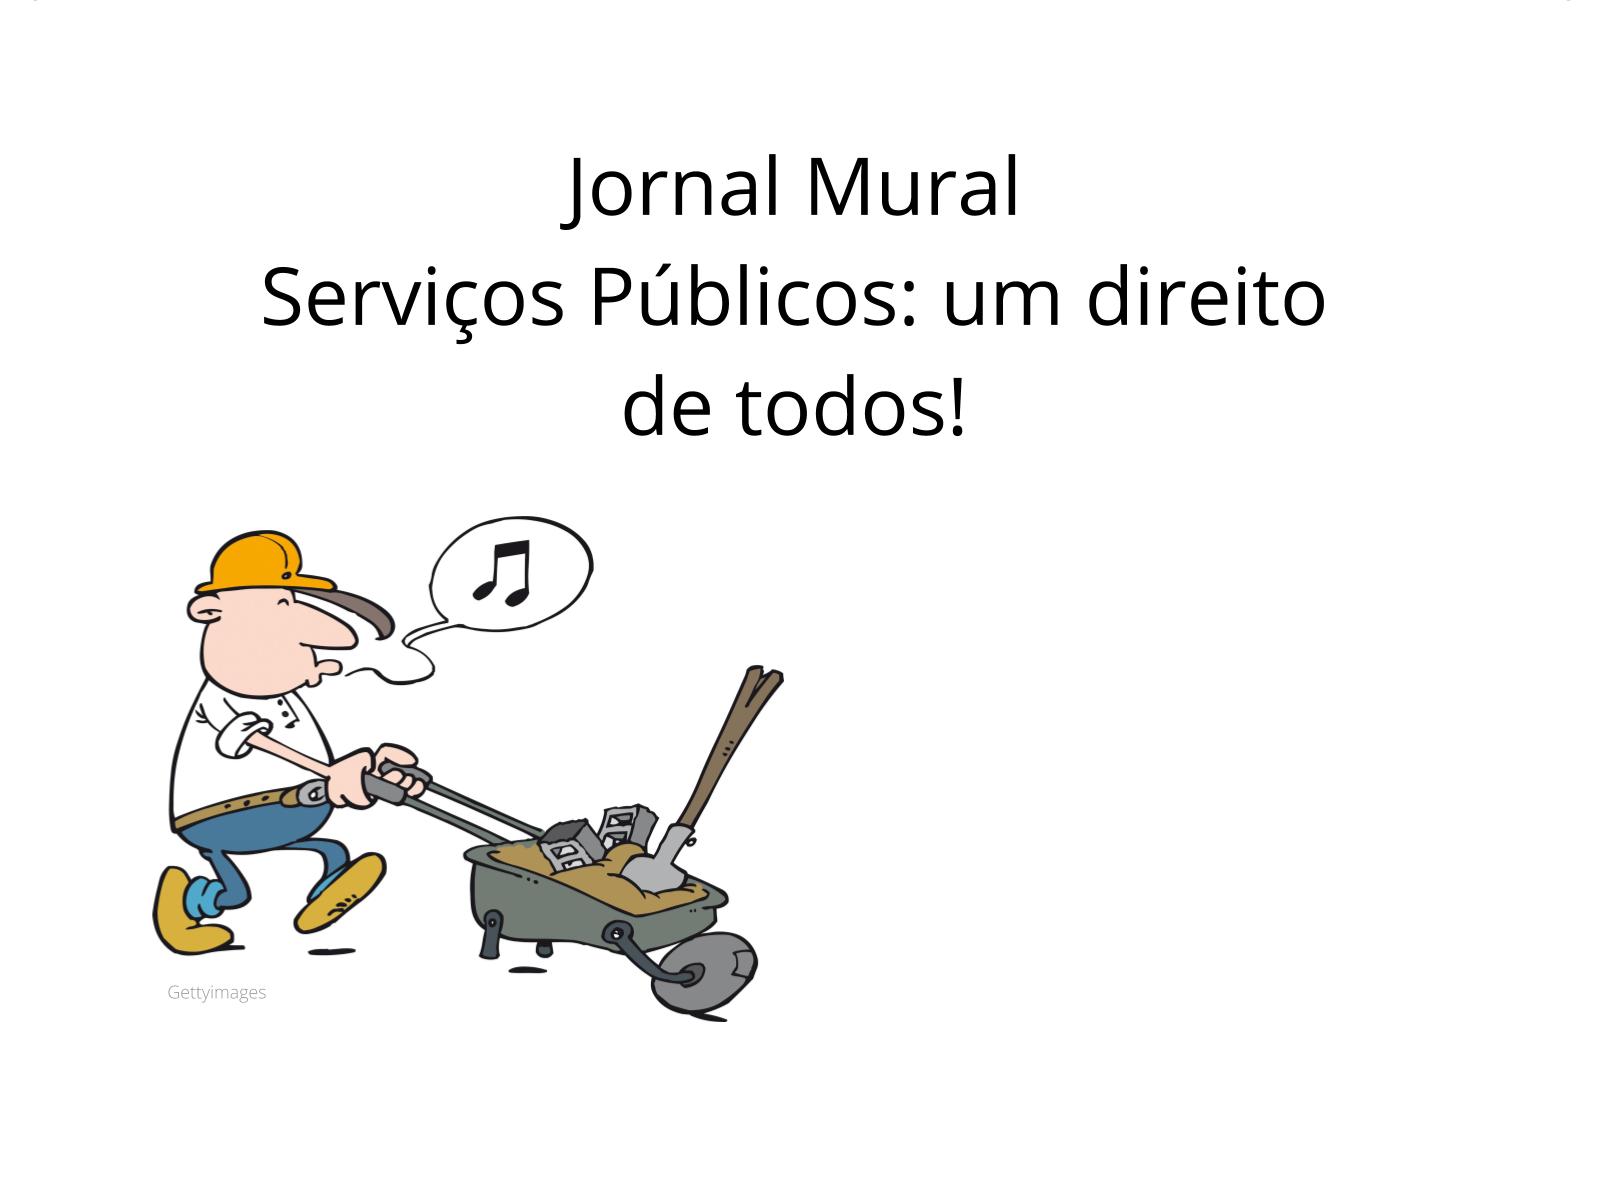 Serviços públicos: um direito de todos!